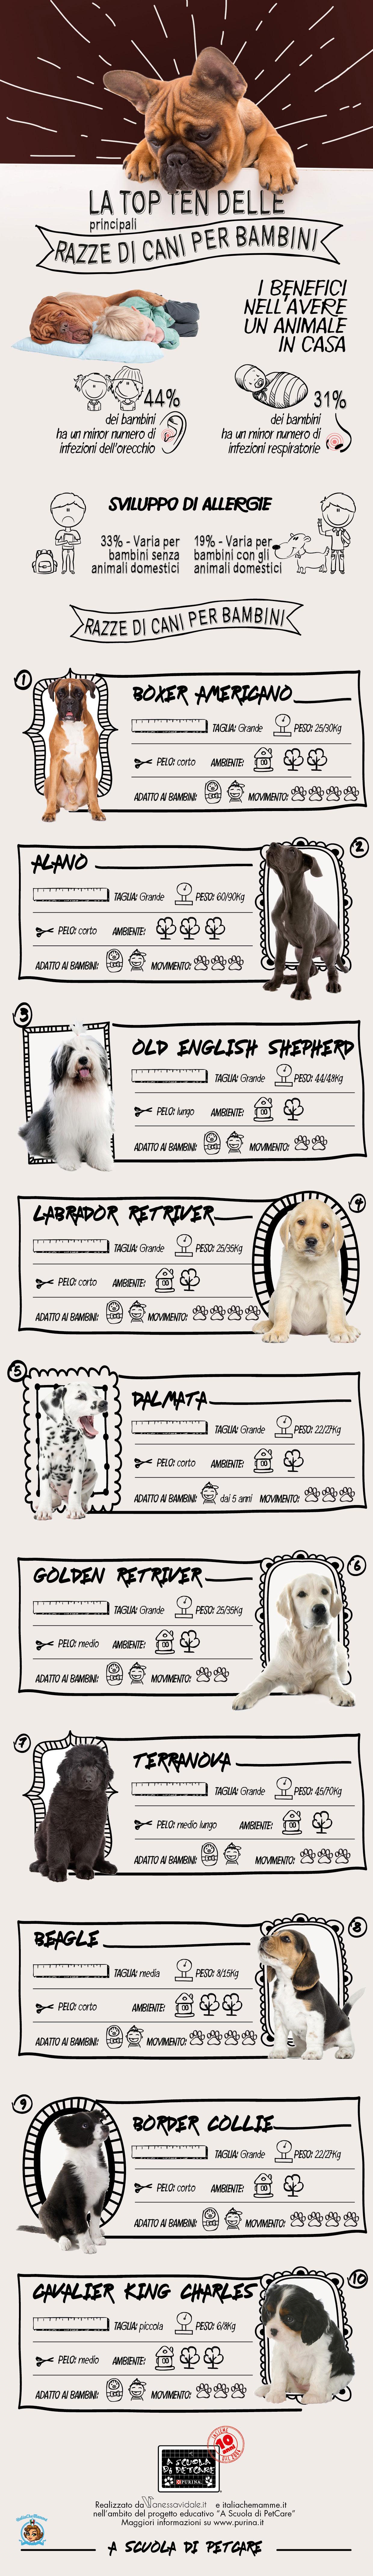 cani-per-bambini4